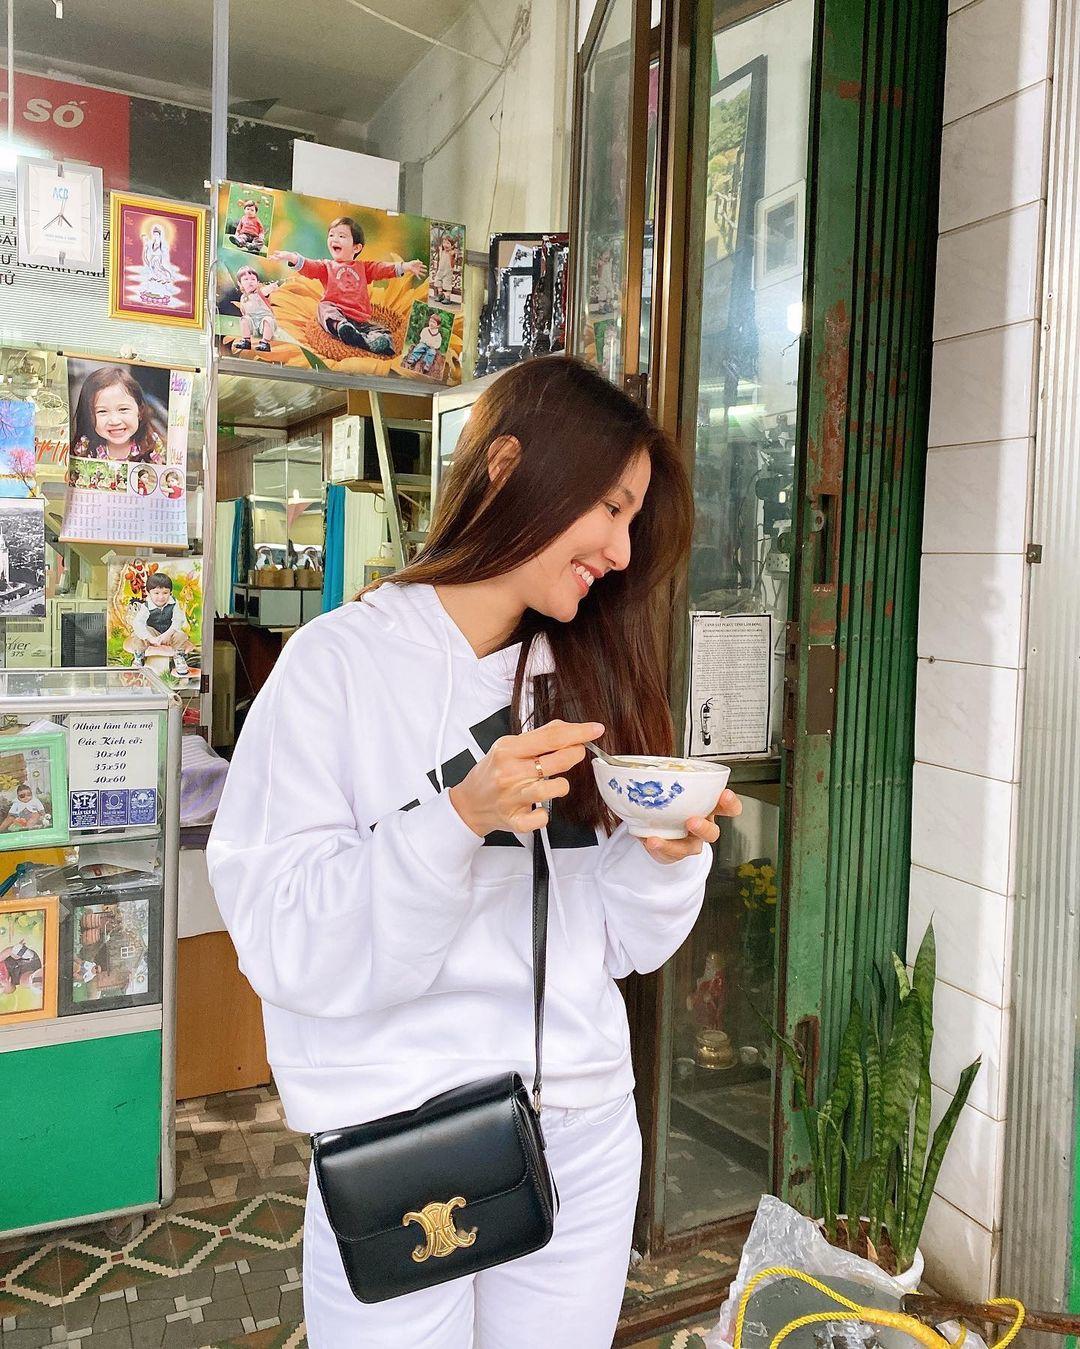 """Sao Việt diện áo trắng trong mùa lạnh: Nàng nào cũng trẻ hẳn ra, ghi điểm sành điệu """"dễ như chơi"""" - Ảnh 5."""